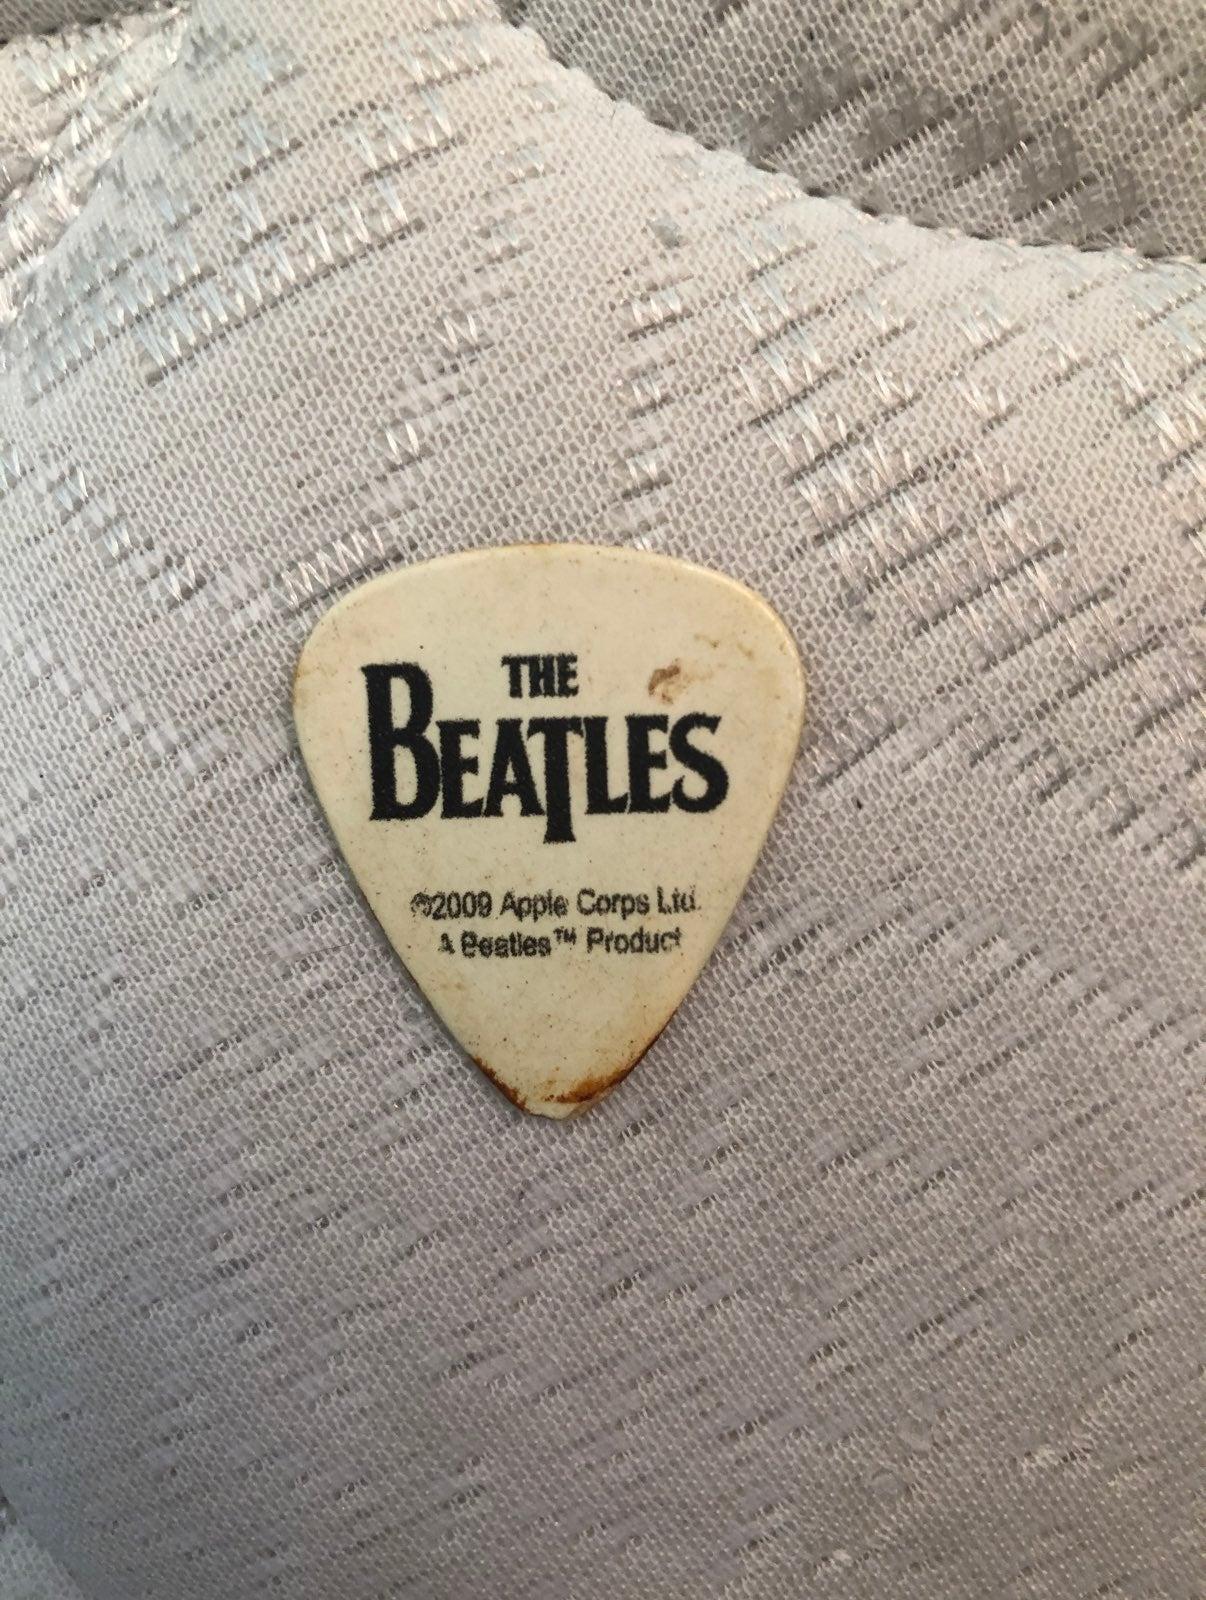 The Beatles guitar pick